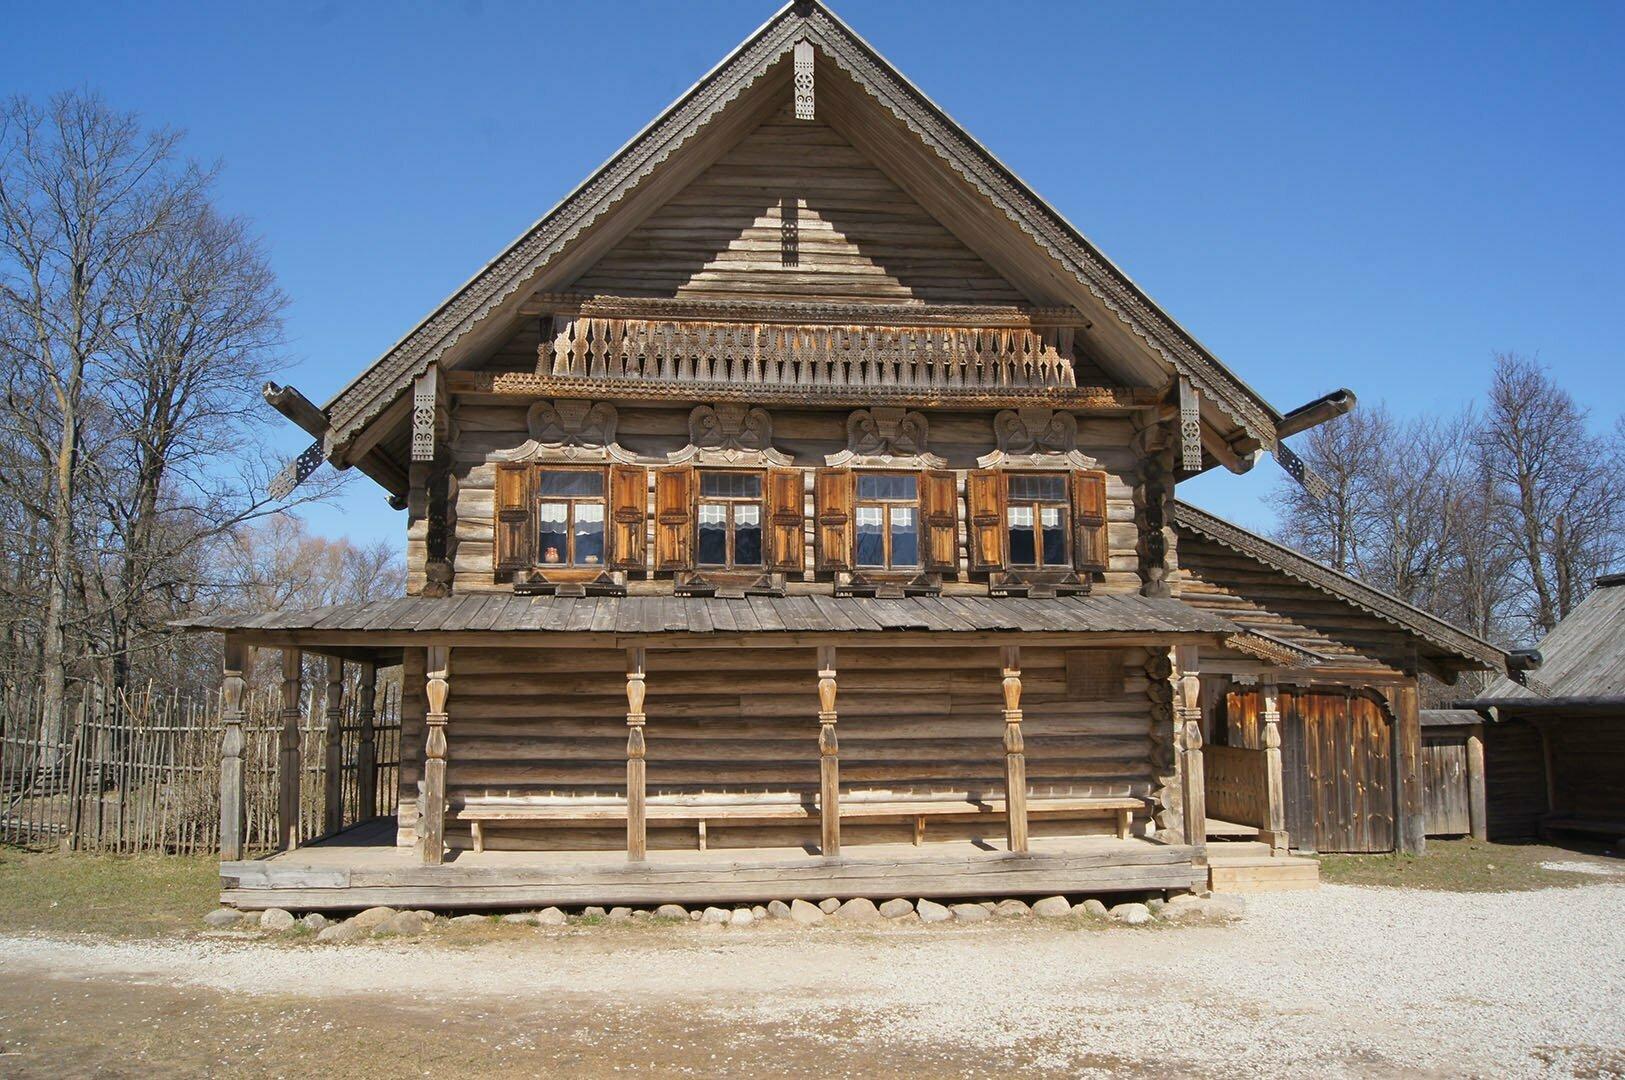 Изба М.Д. Екимовой. Музей деревянного зодчества в В. Новгороде